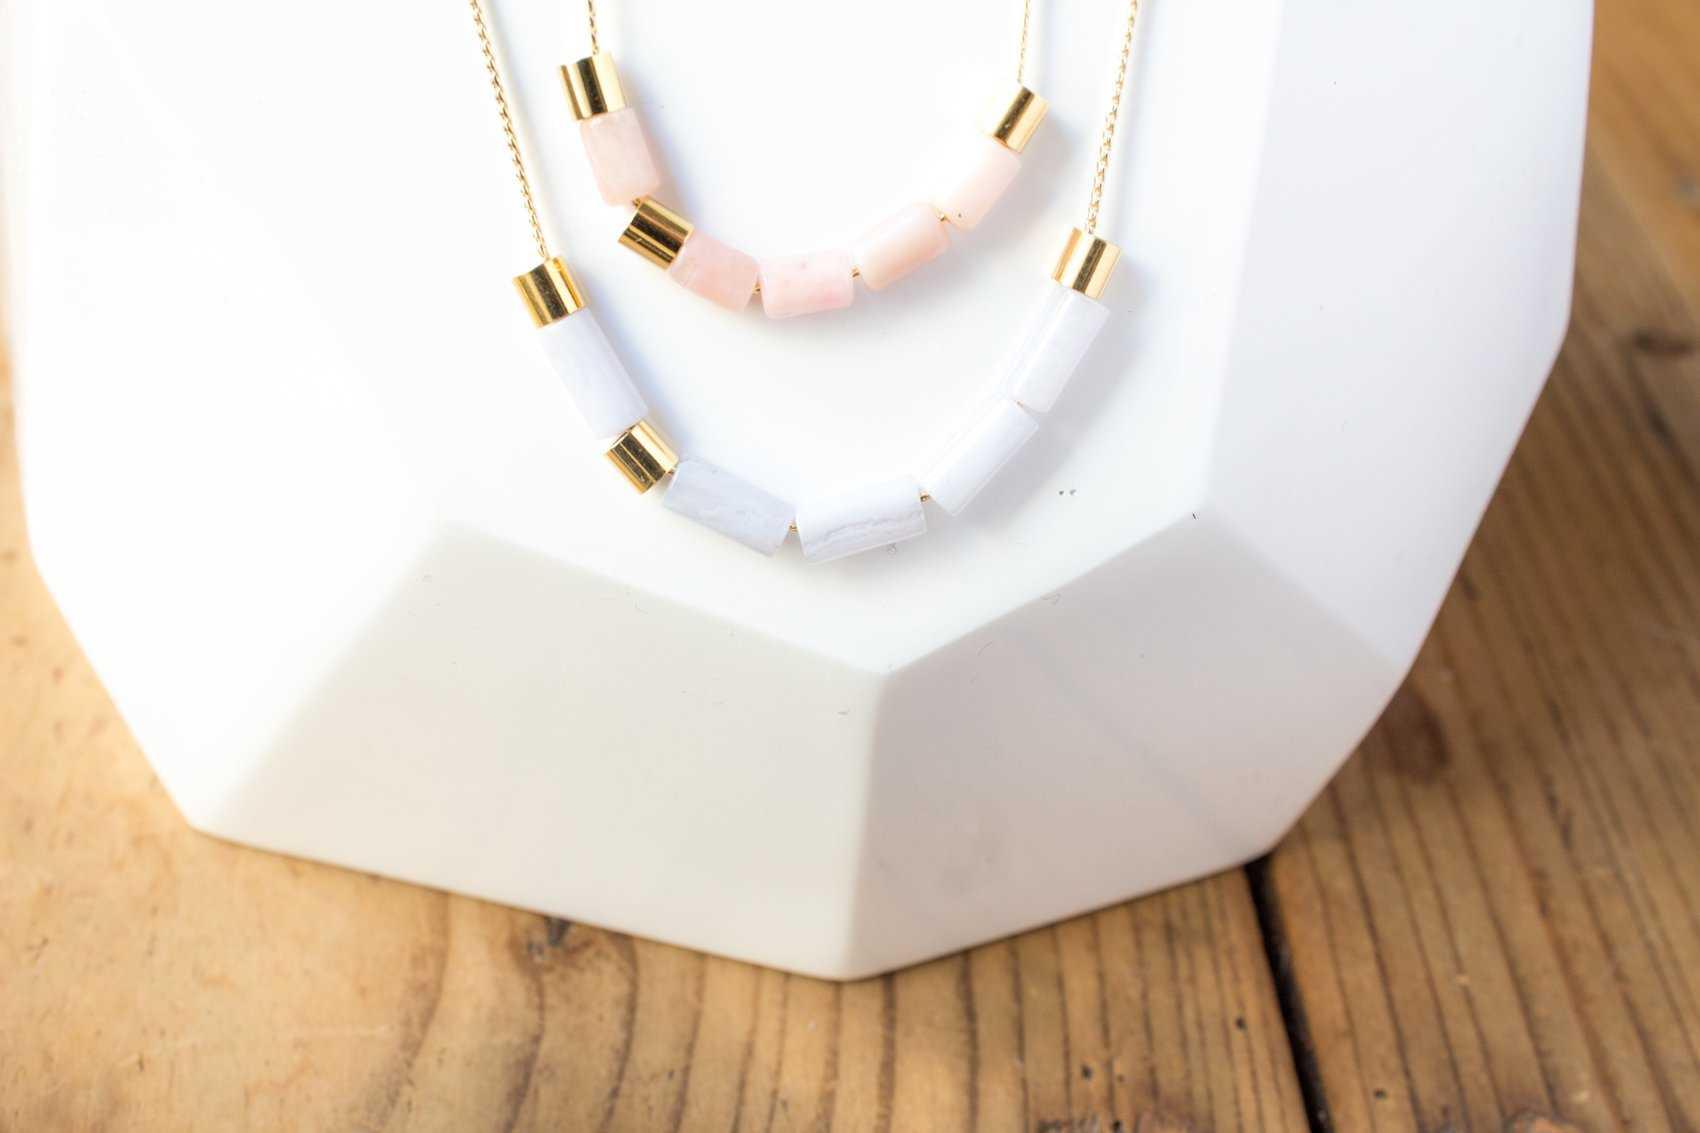 Code Colgante/Necklace